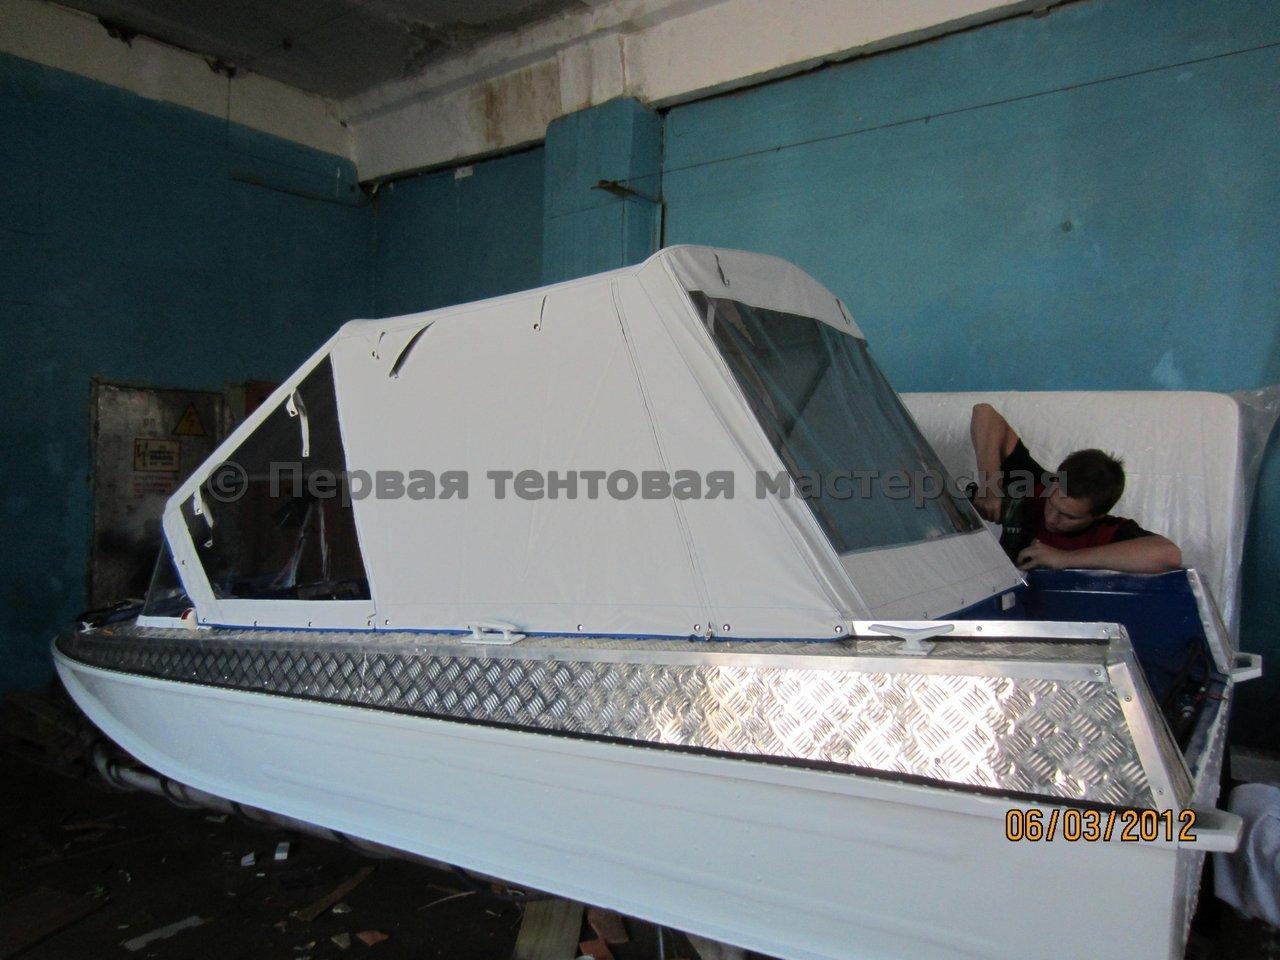 tents14_054